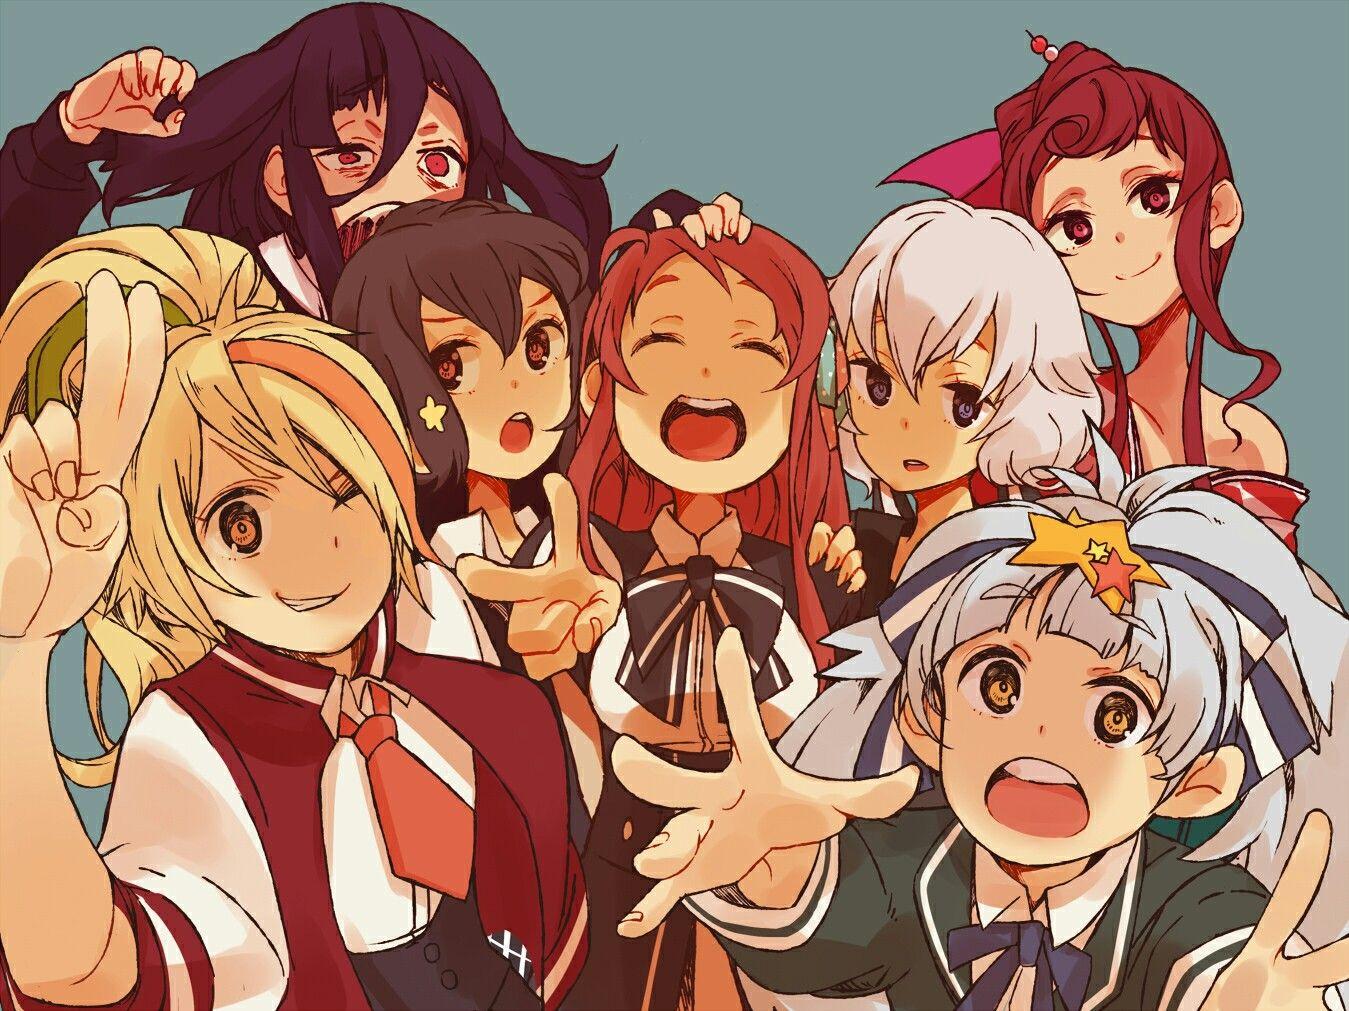 Pin de Jdoom en Franchouchou Caras anime, Arte de anime